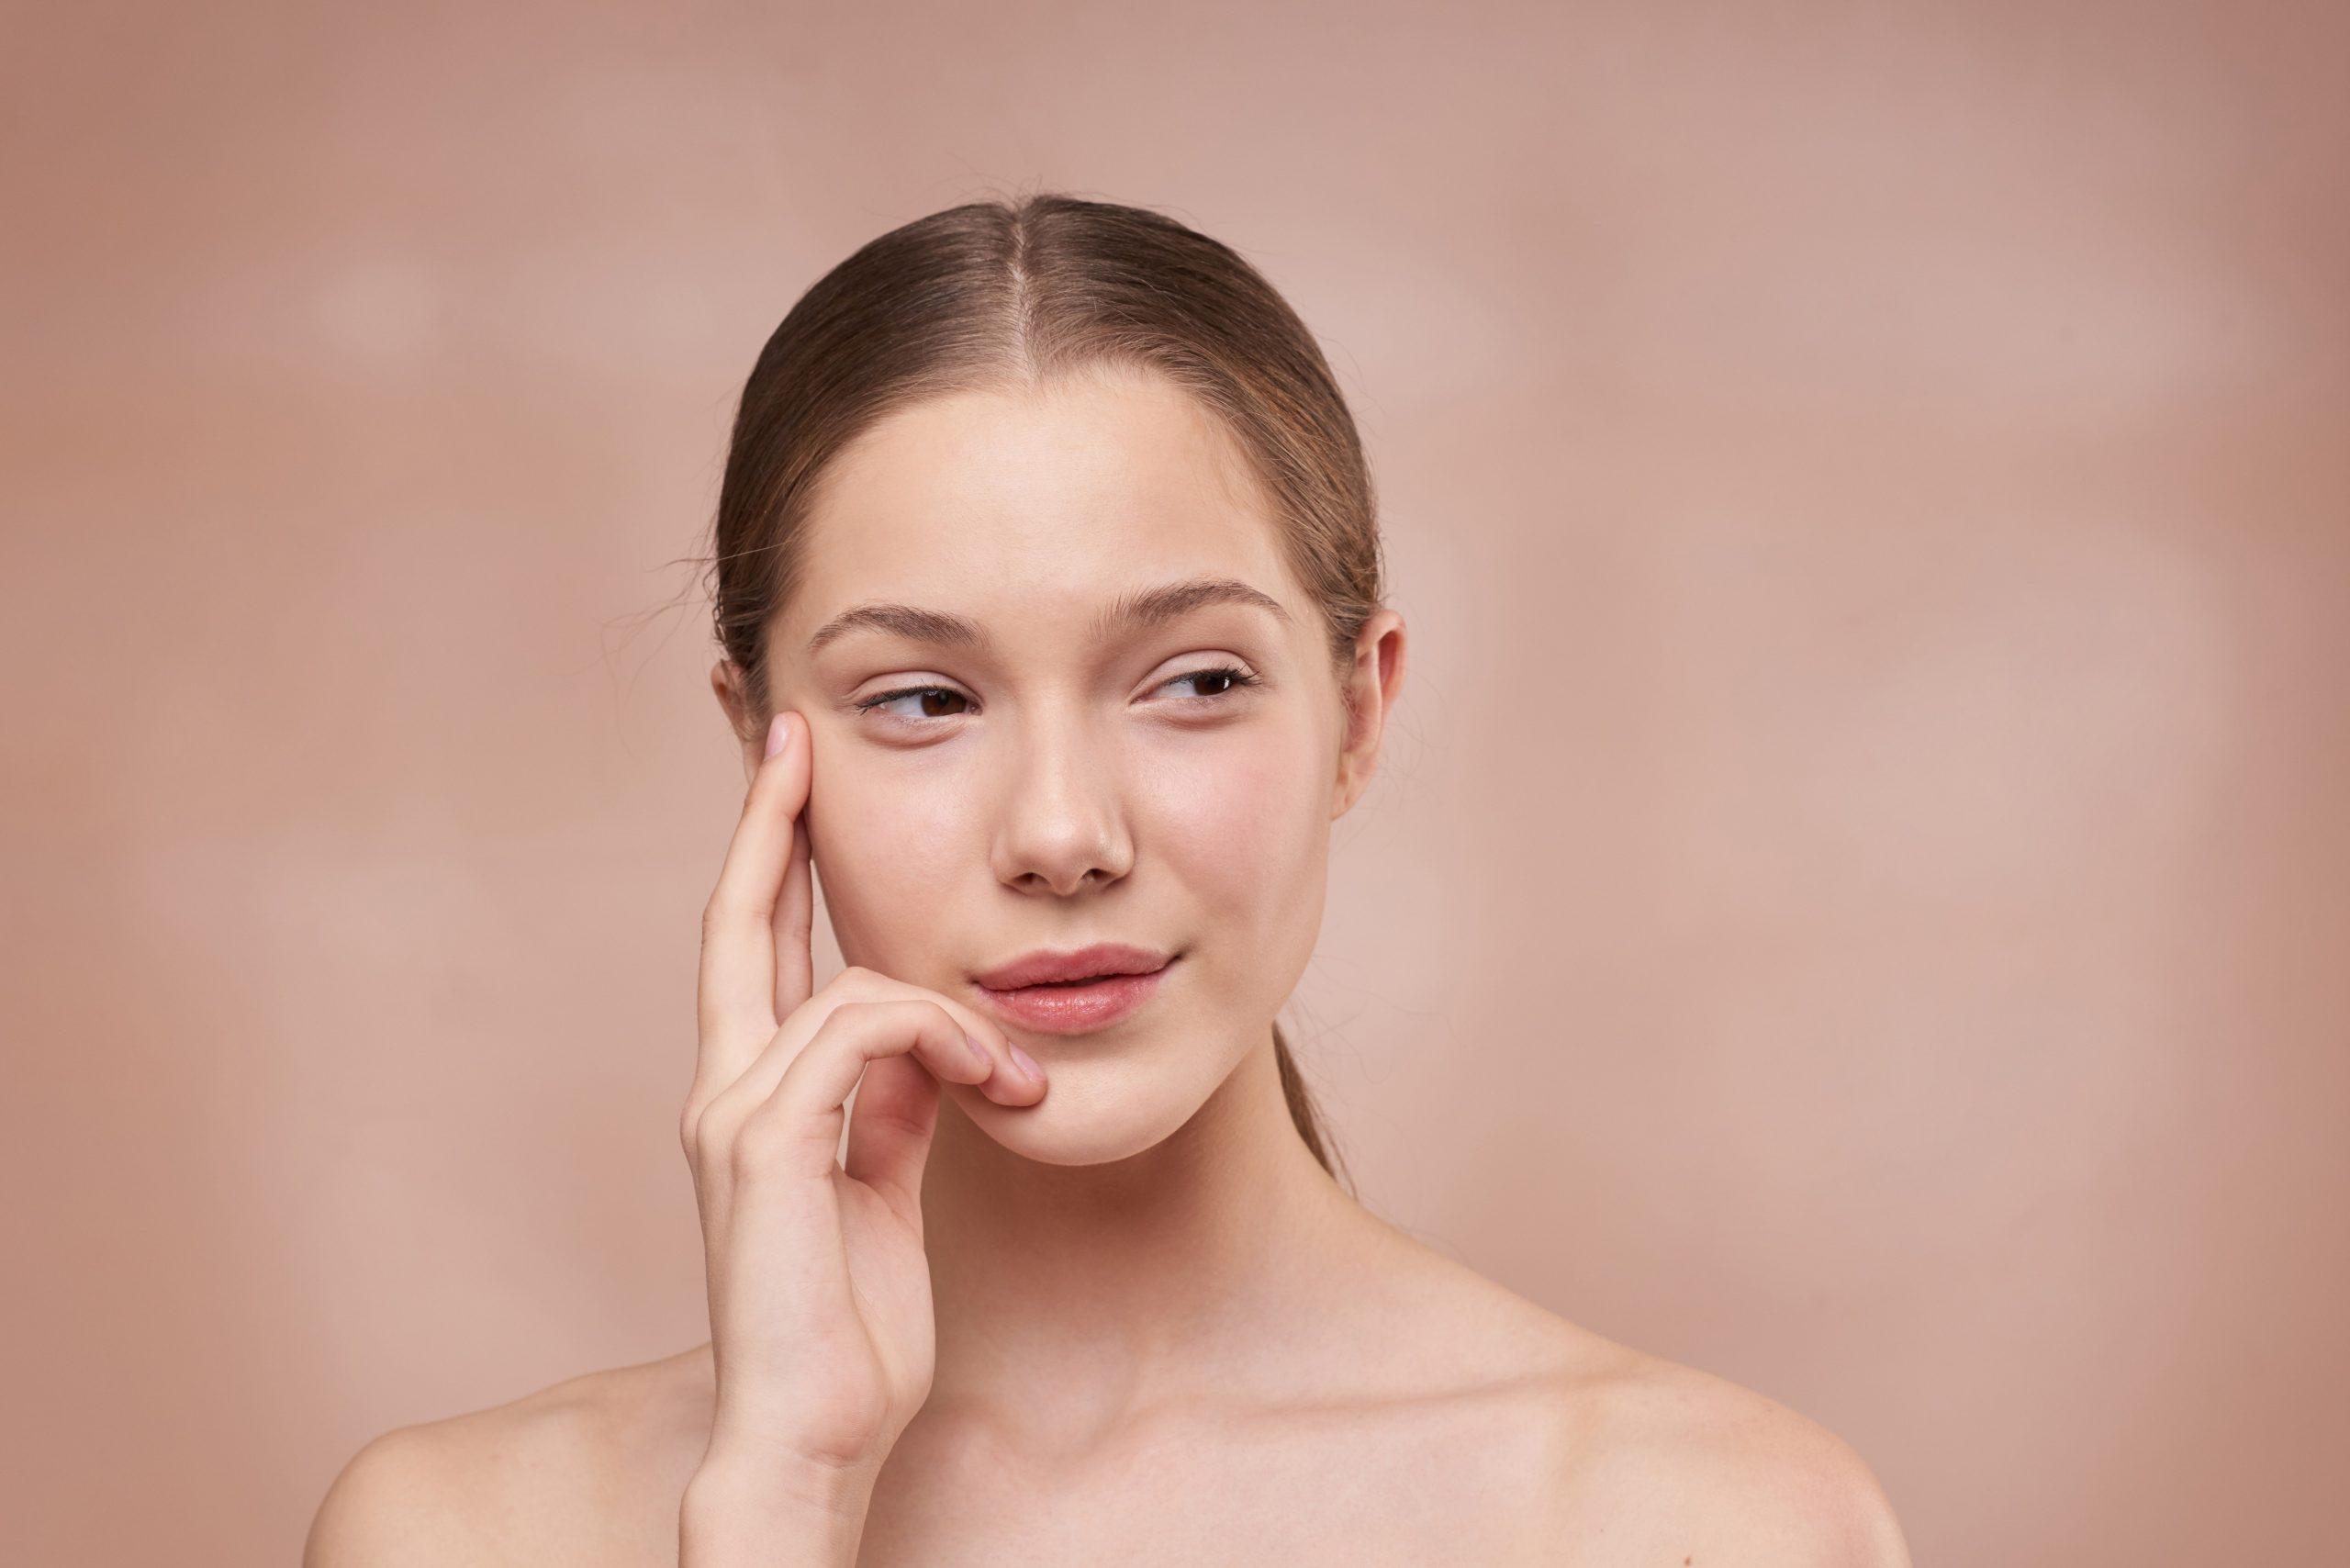 Utiliza cremas que incluyan prebióticos para mejorar tu piel sensible.